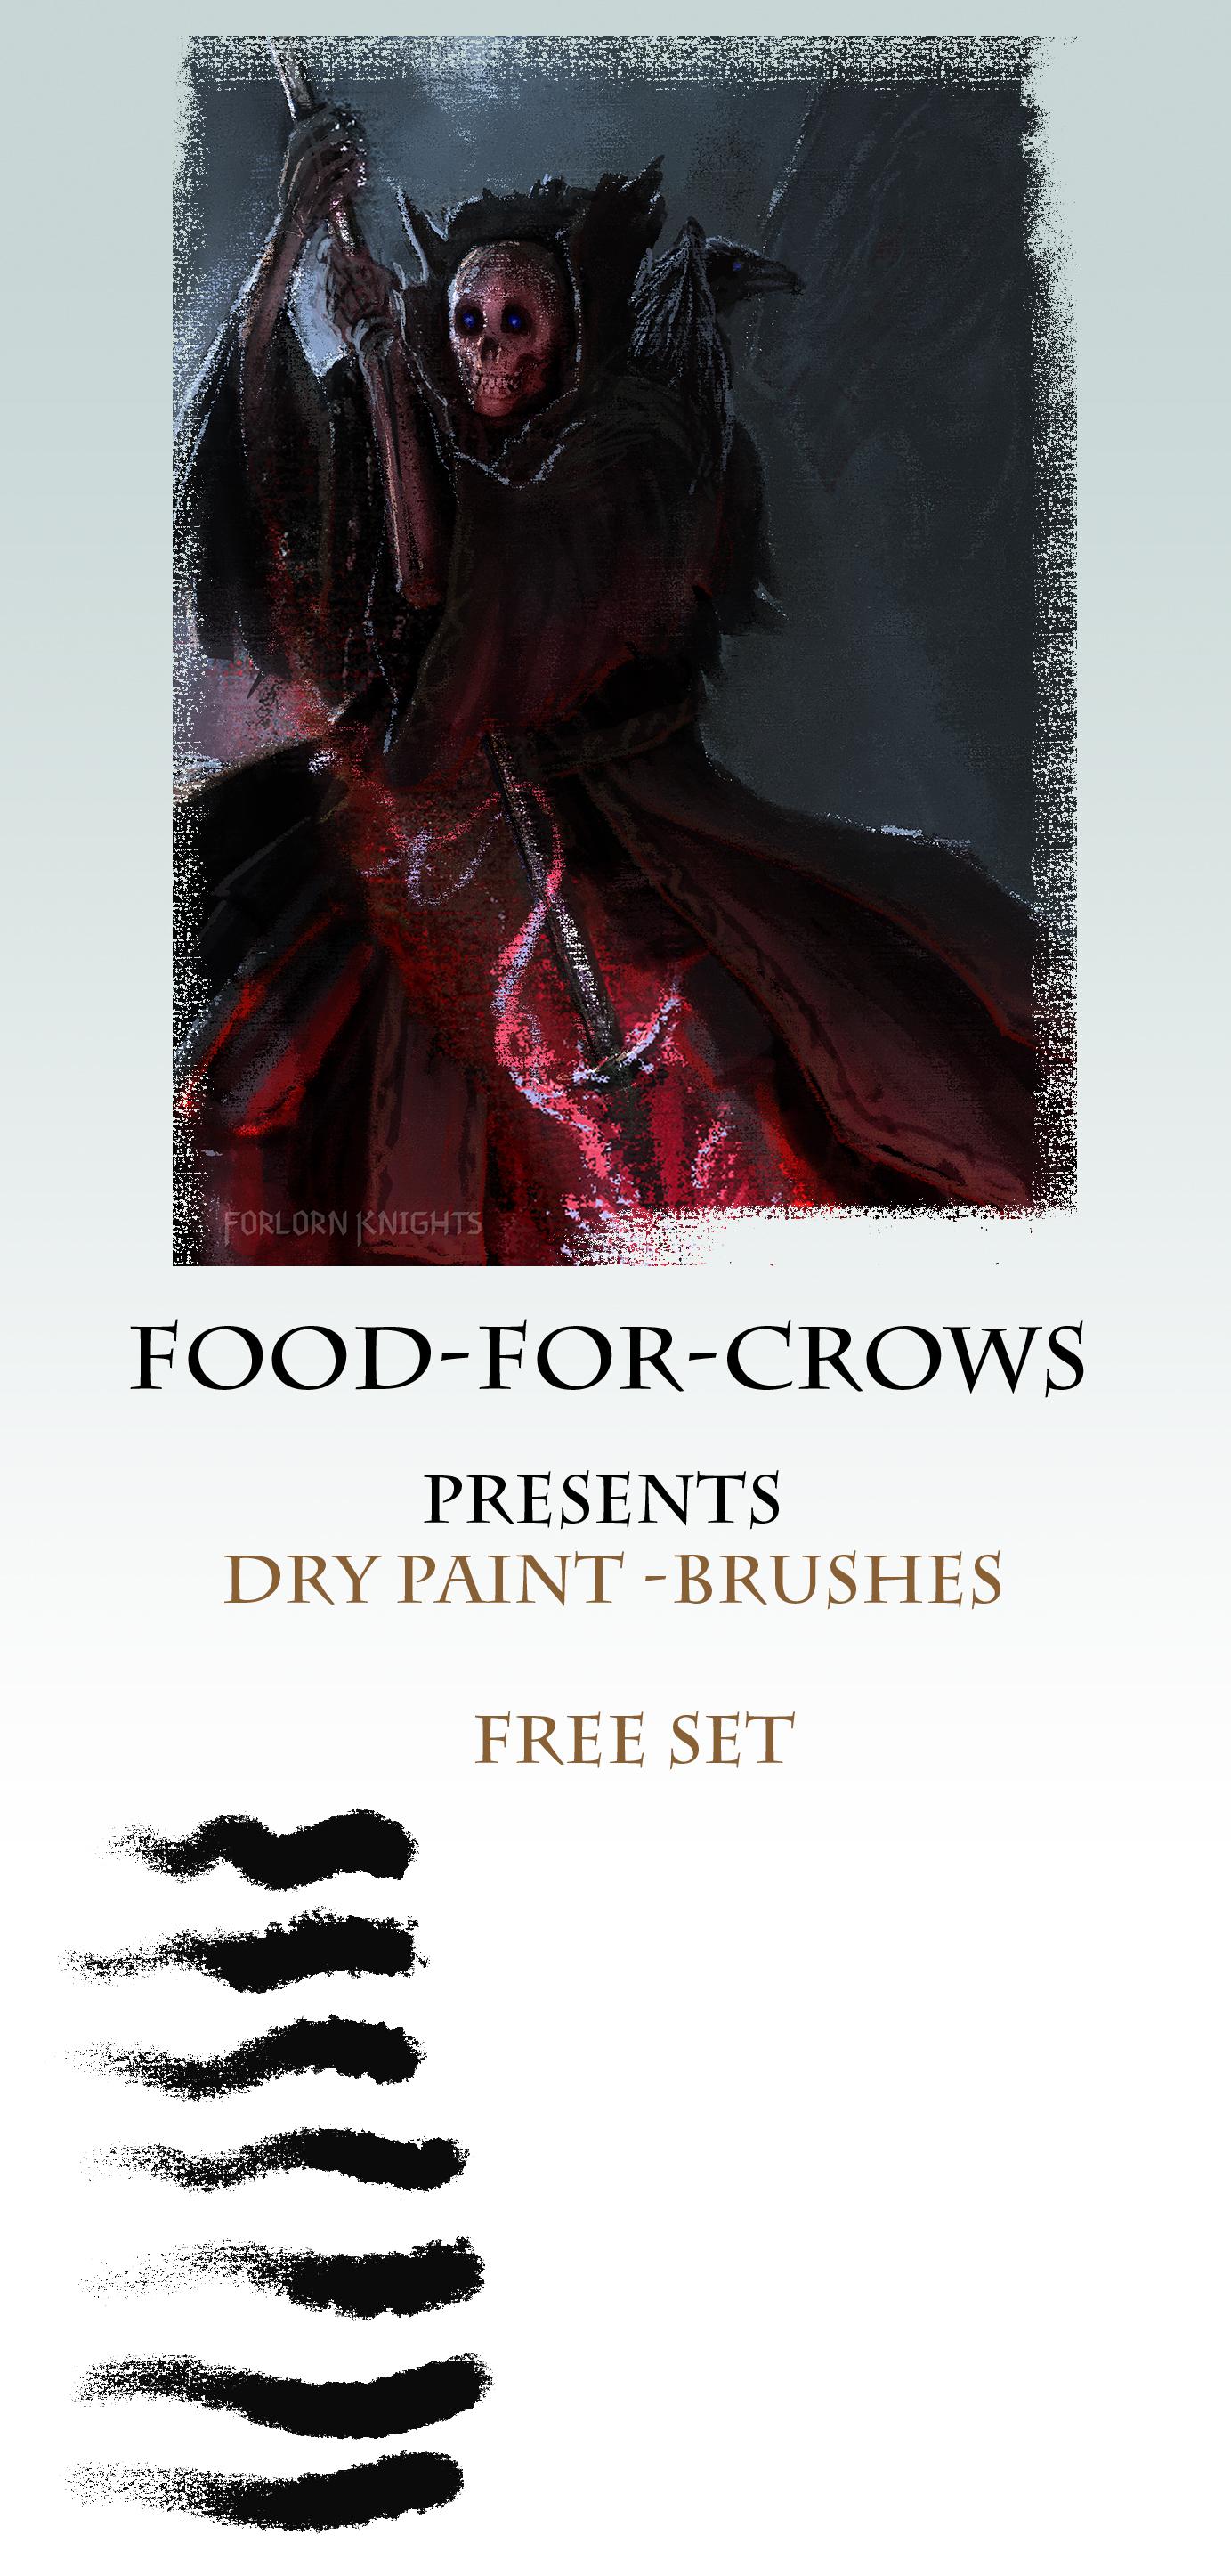 干燥纹理、干油漆、颜料、PS粗糙画笔